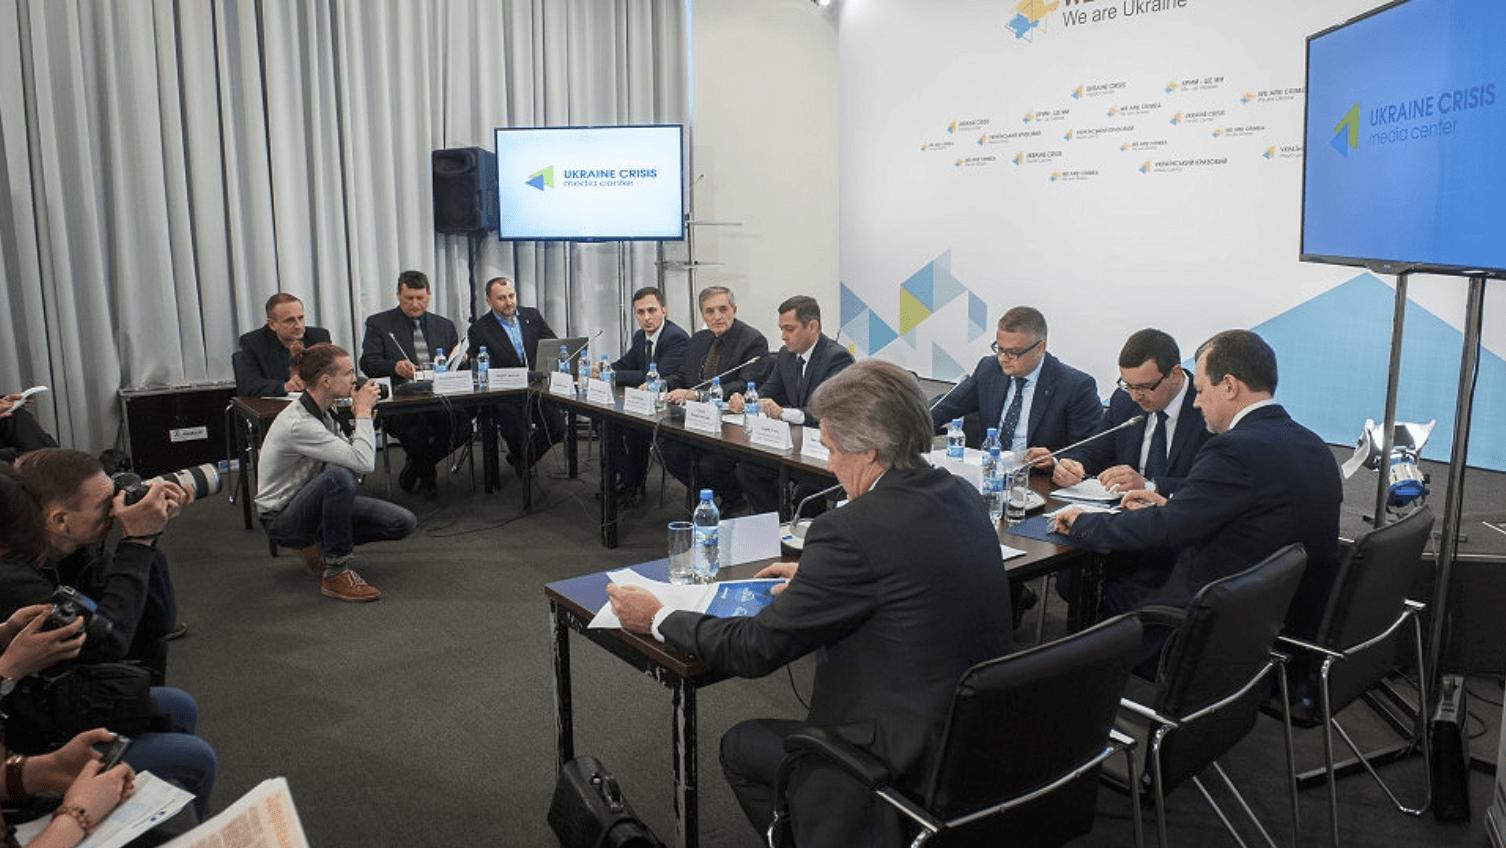 Єдиний шлях! Українцям повідомили важливе – масштабна реформа. Ніхто не чекав: крок до інтеграції